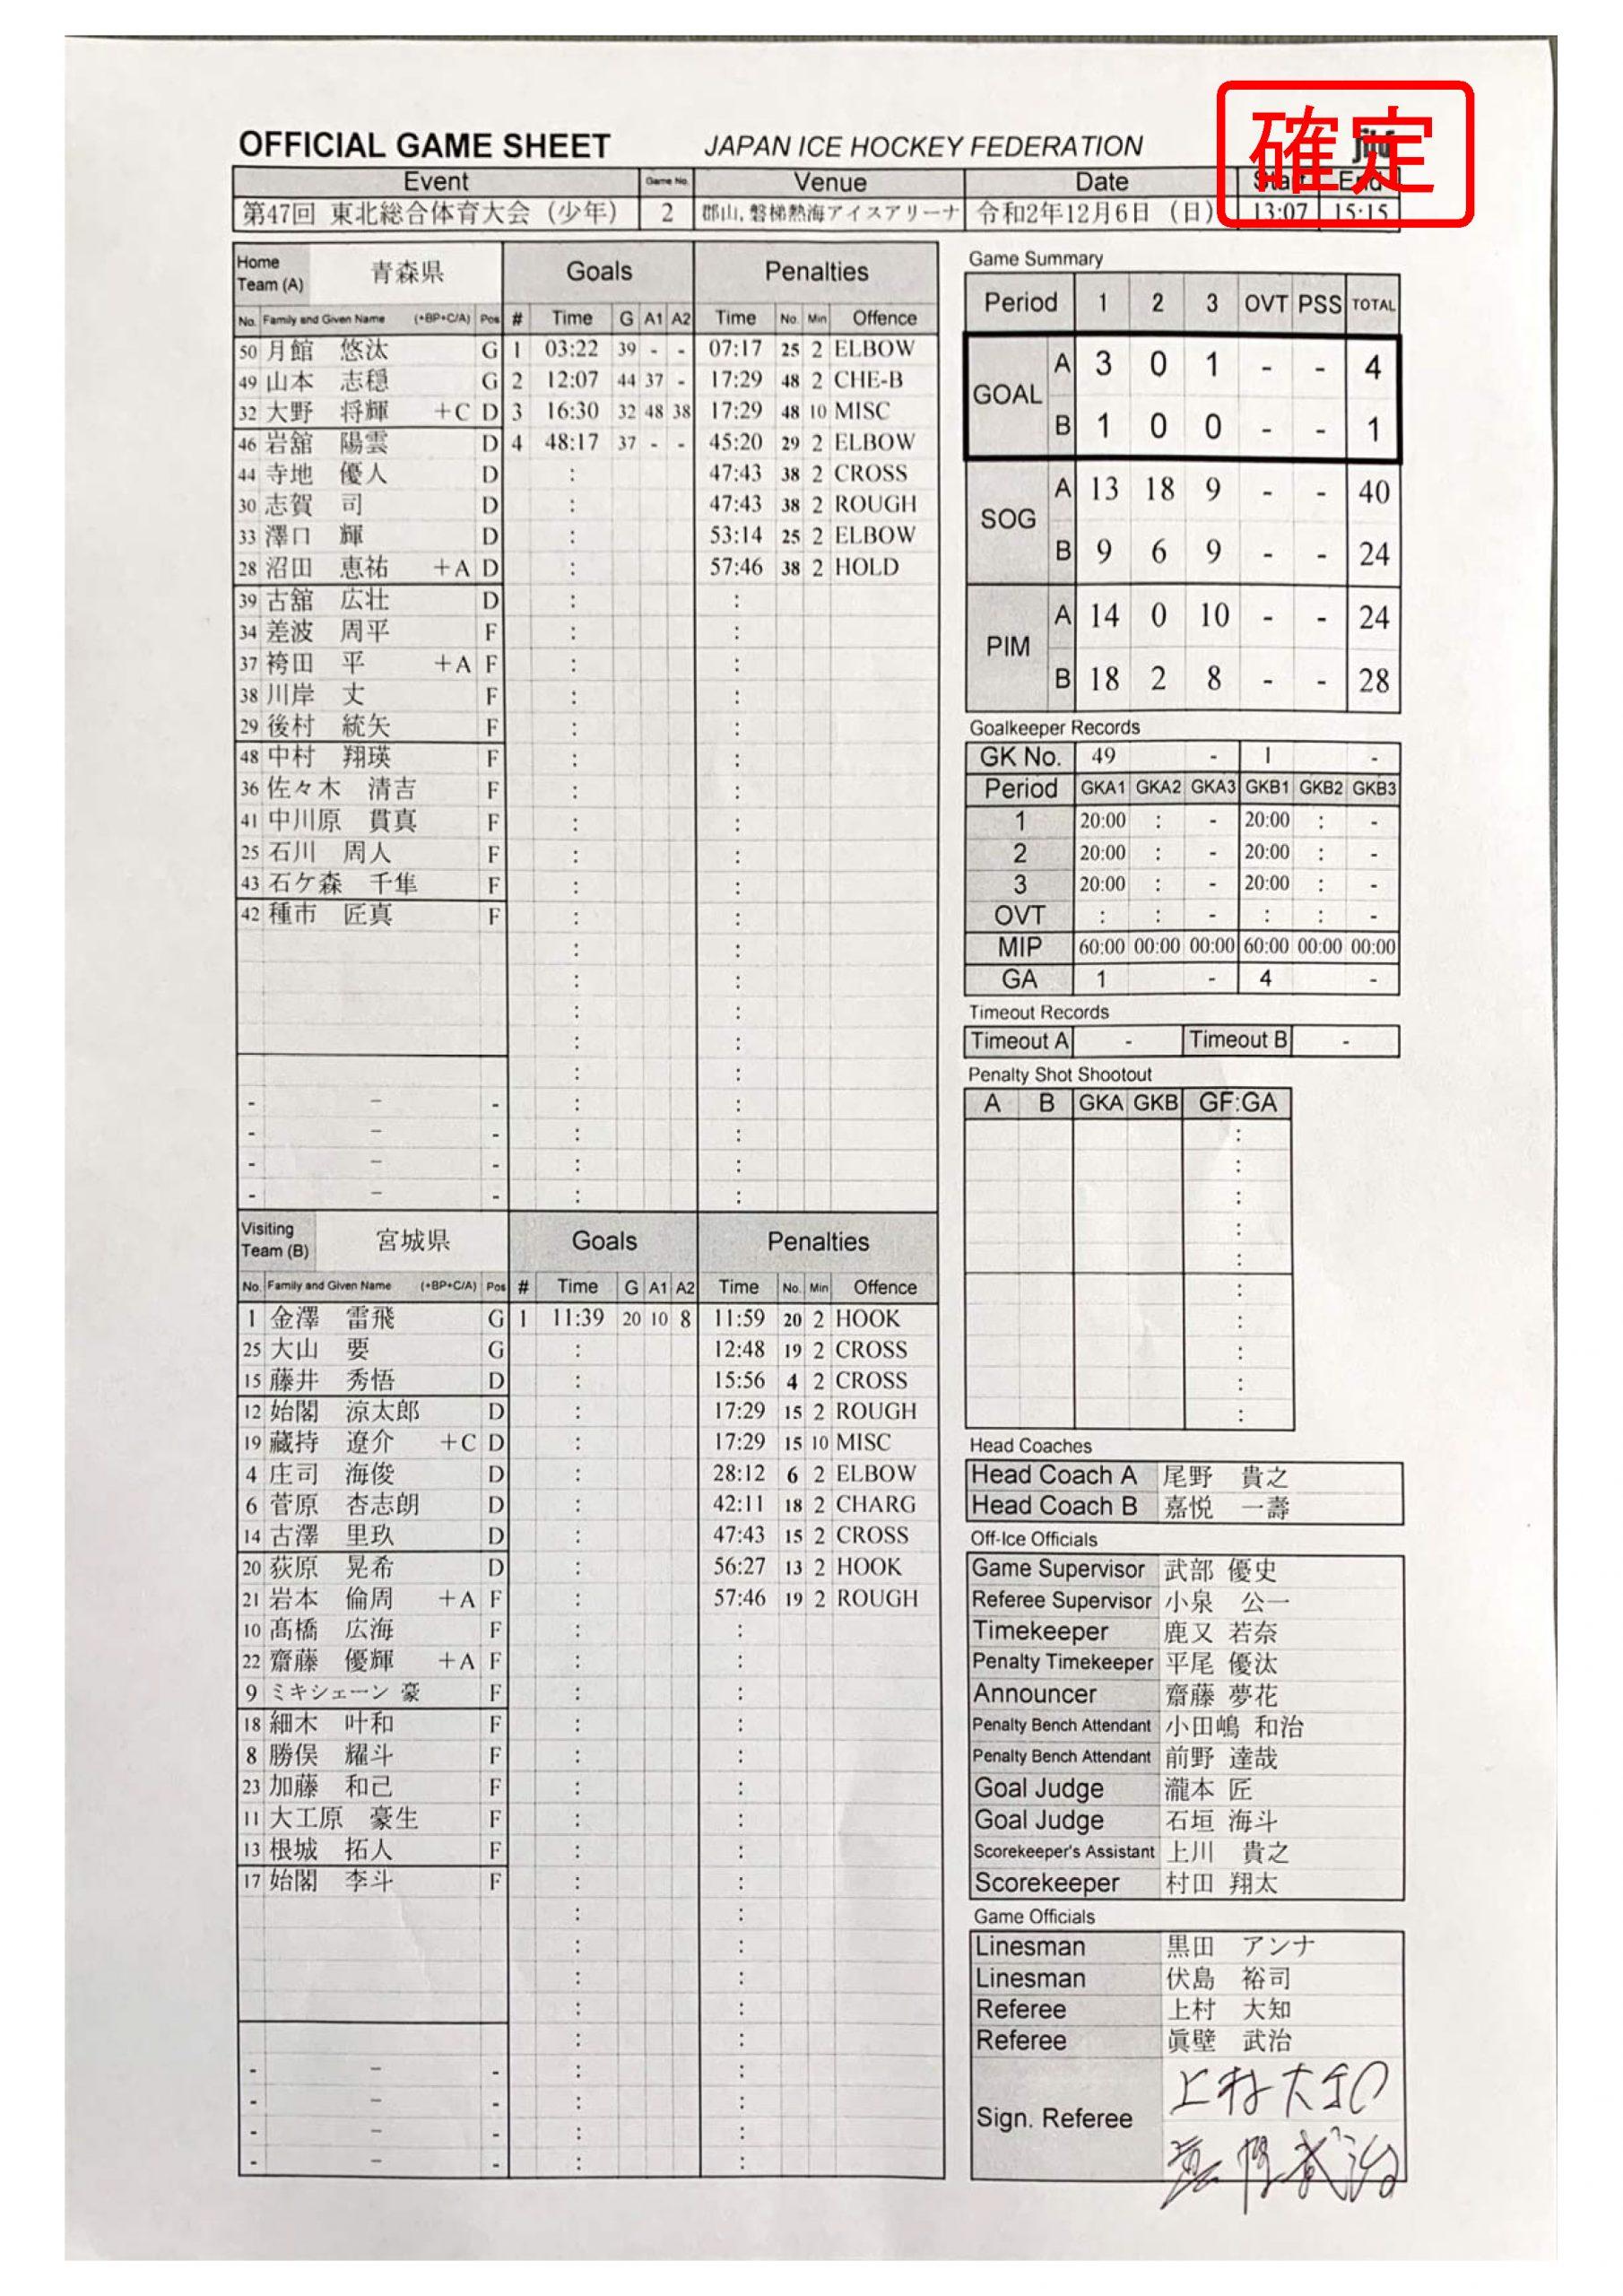 第47回東北総合体育大会アイスホッケー競技結果